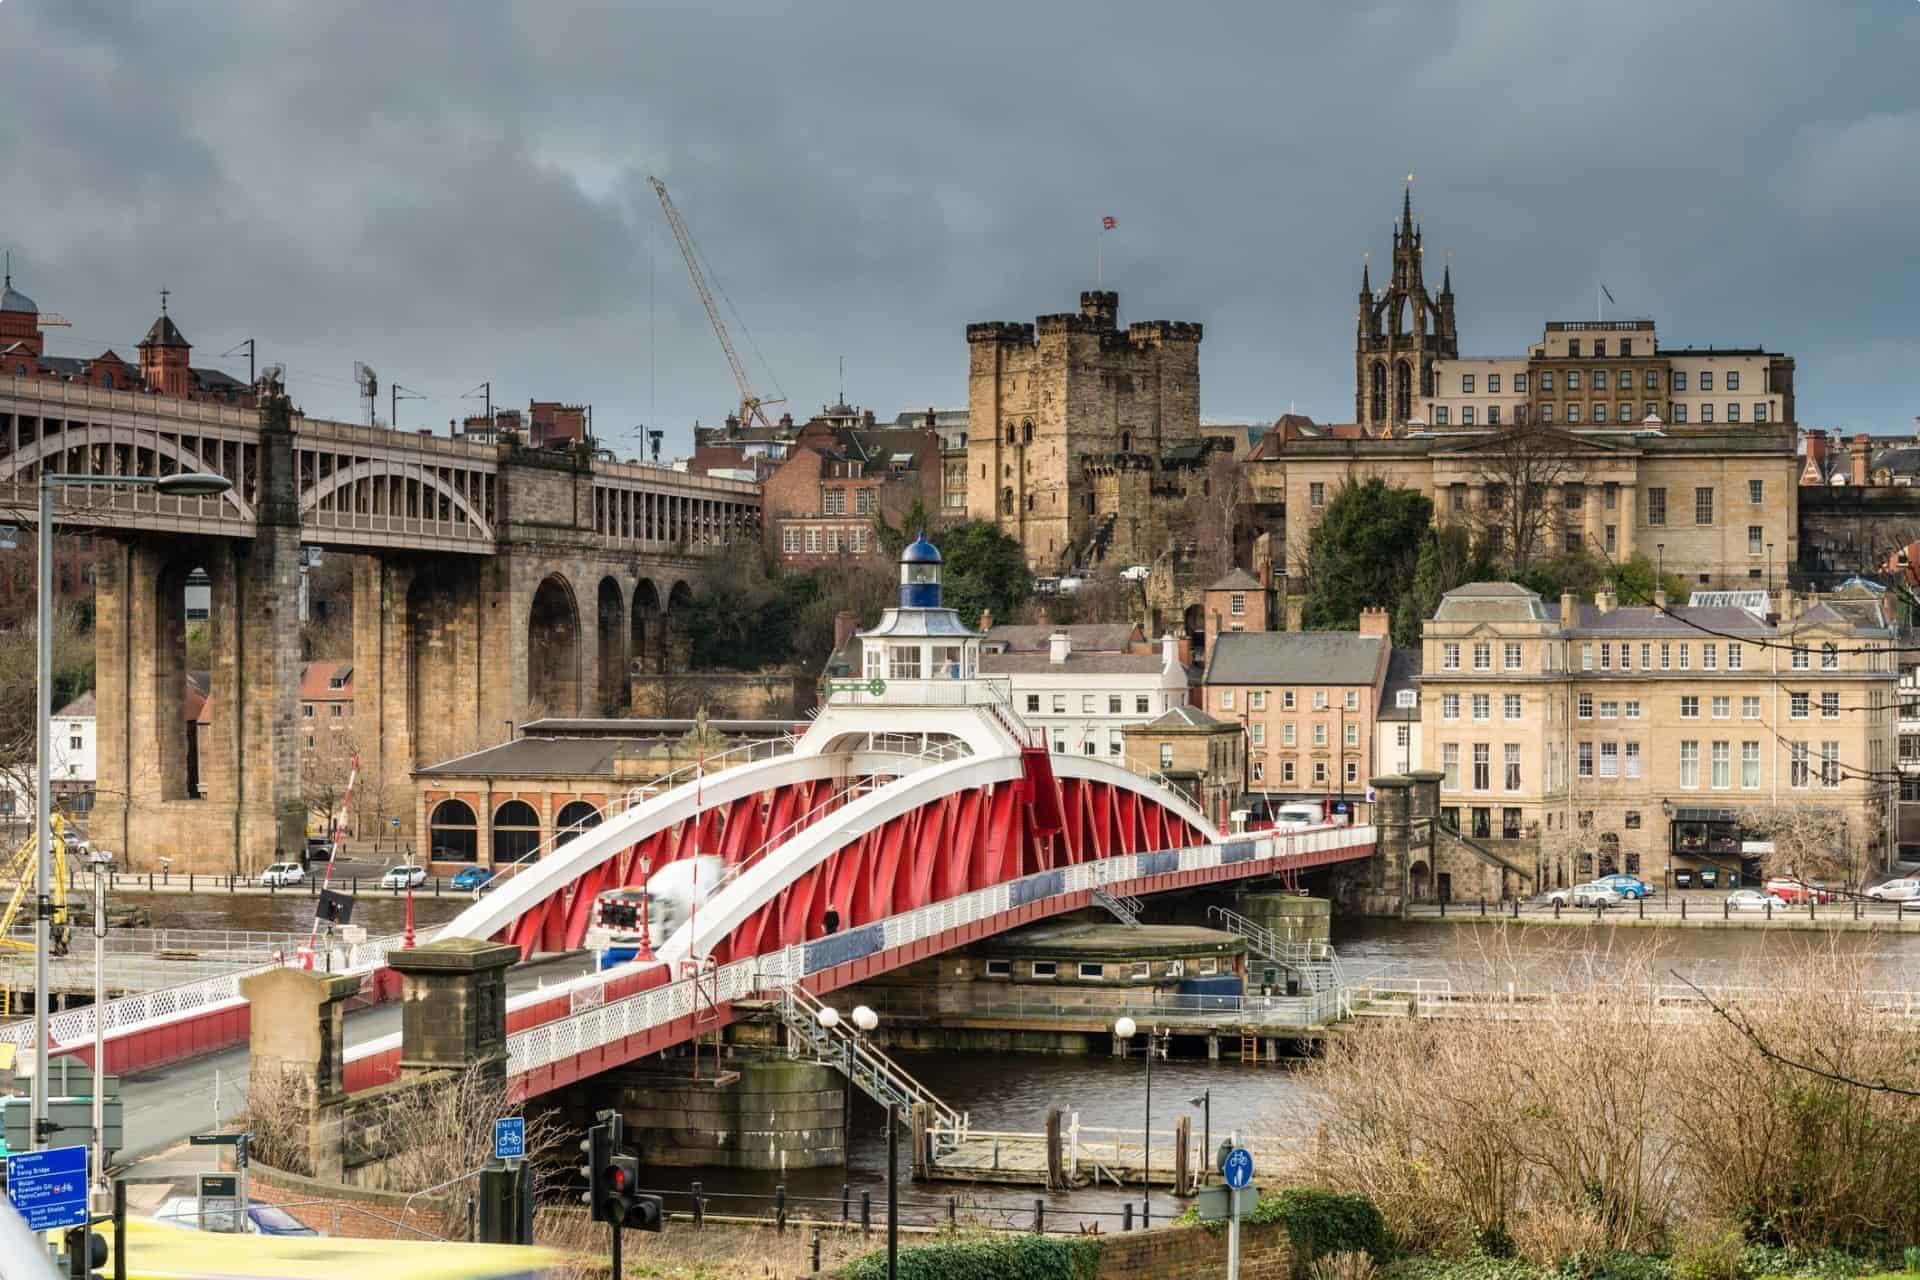 Newcastle Swing Bridge UK